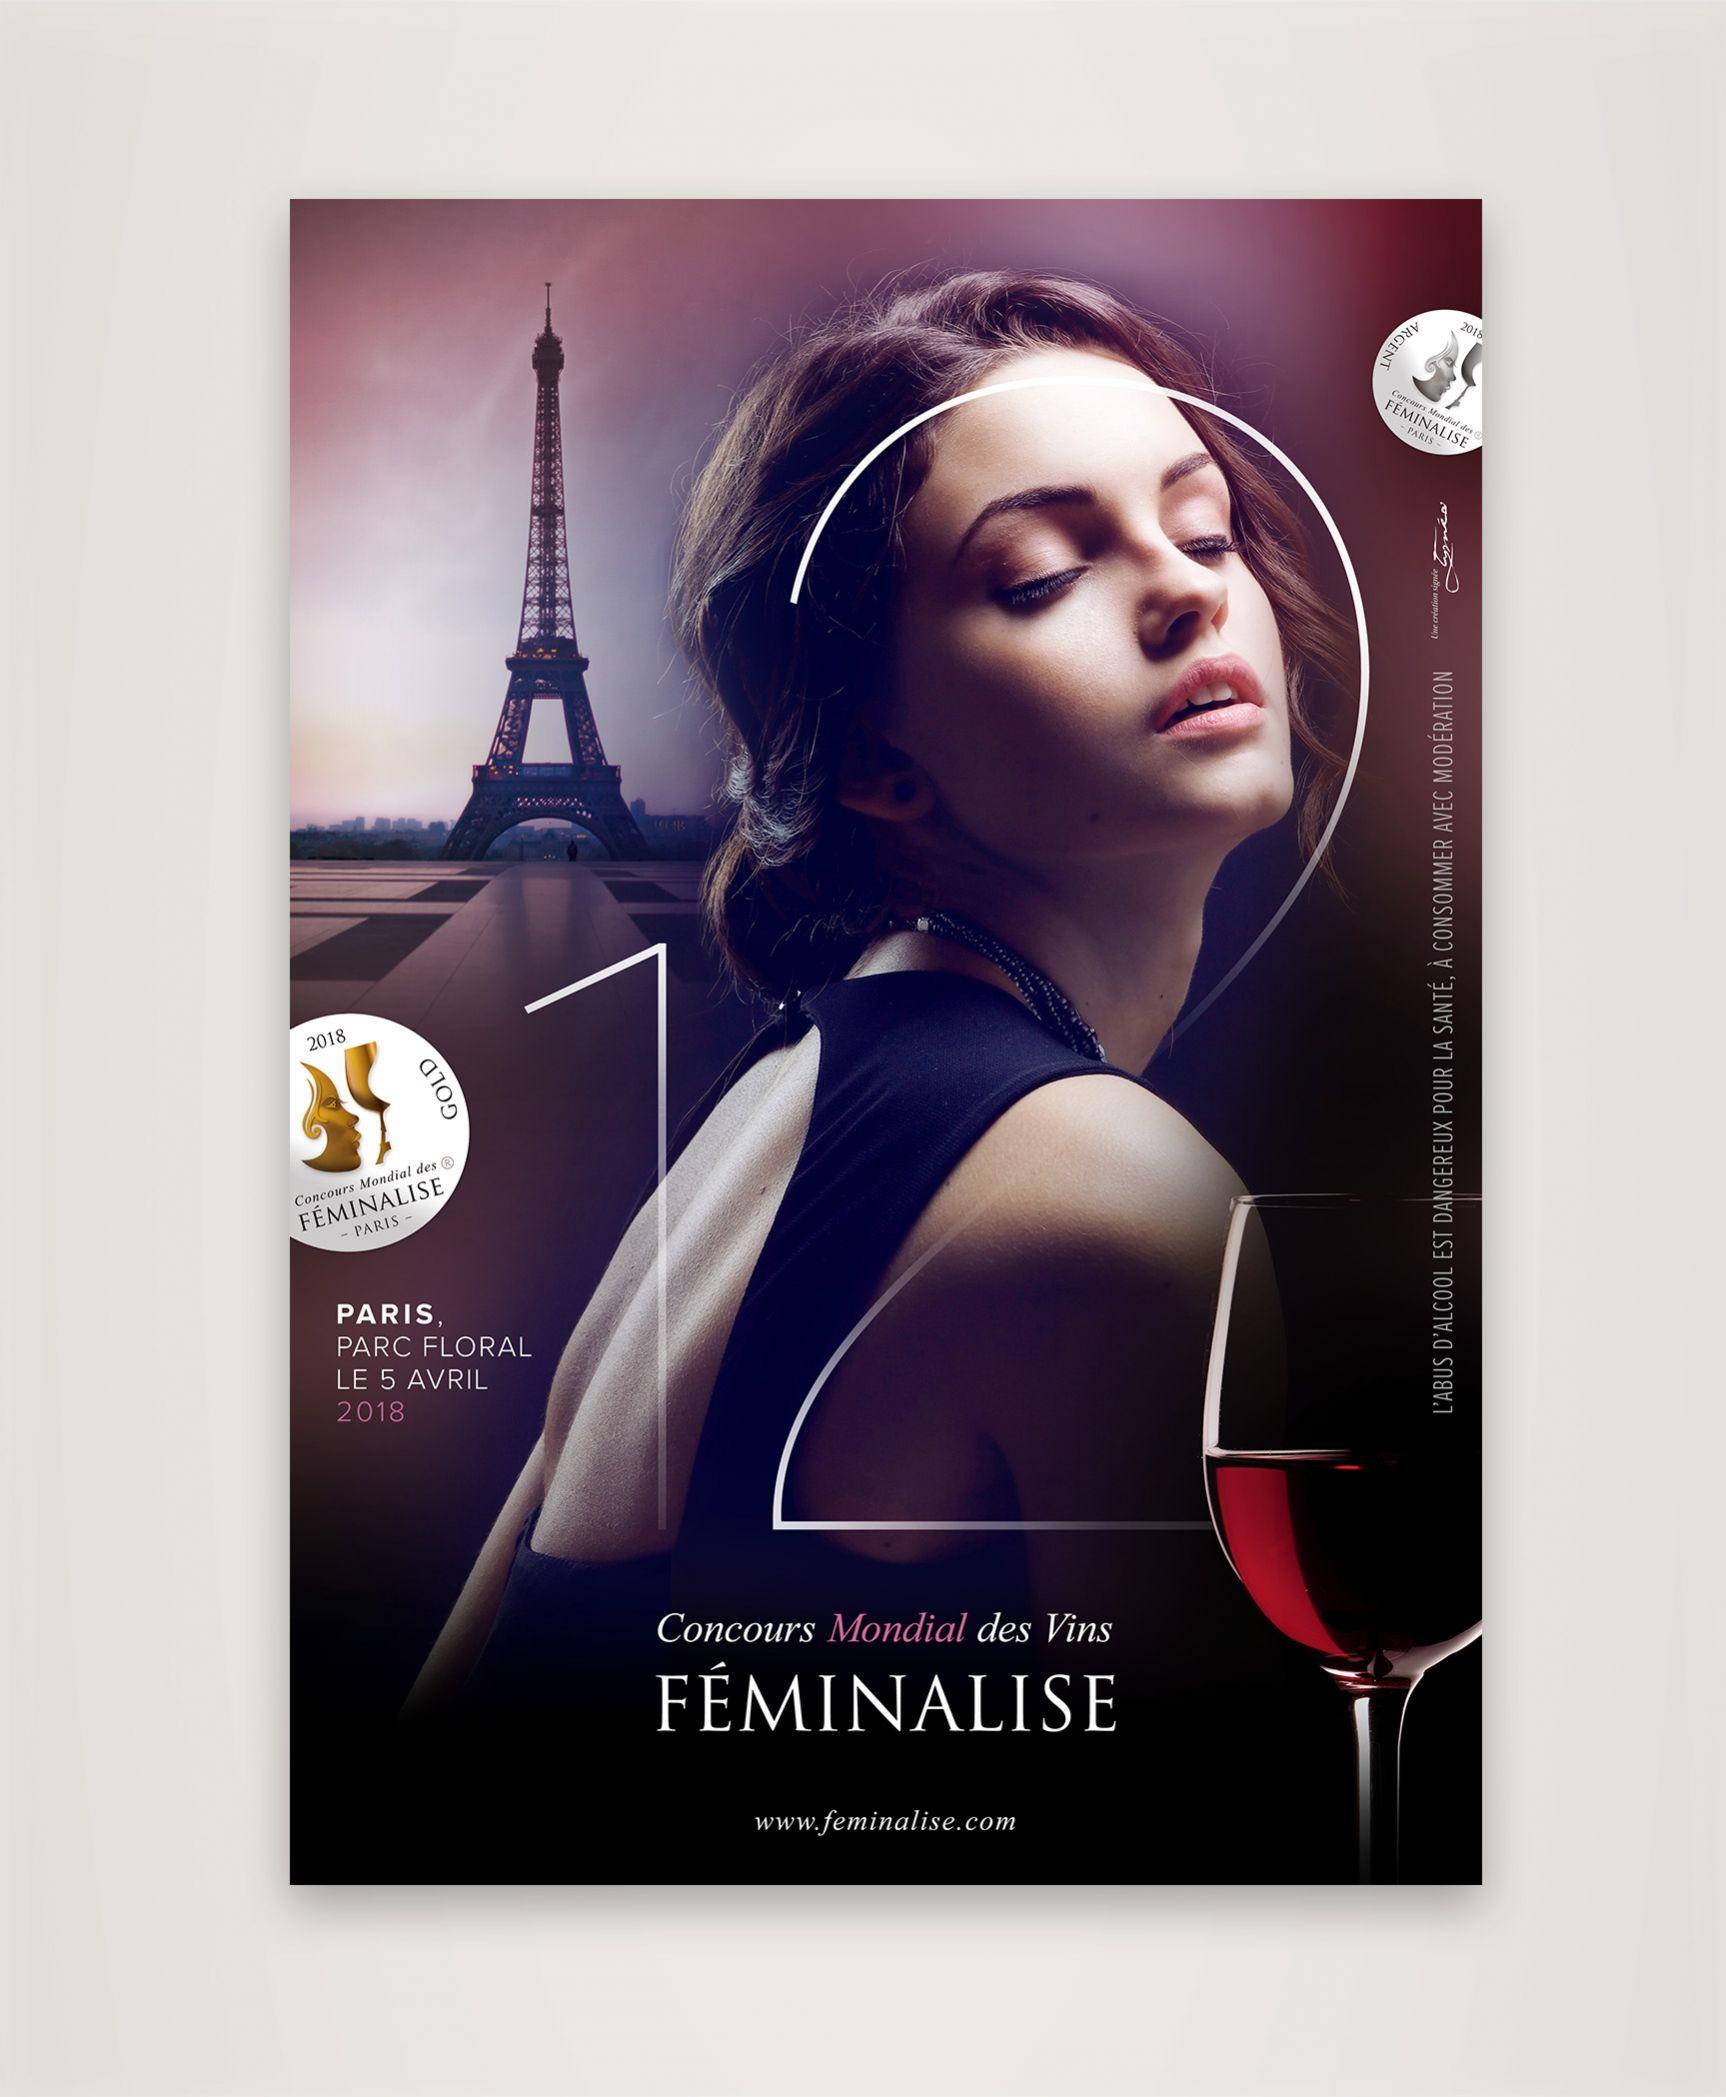 feminalise-2018-affiche